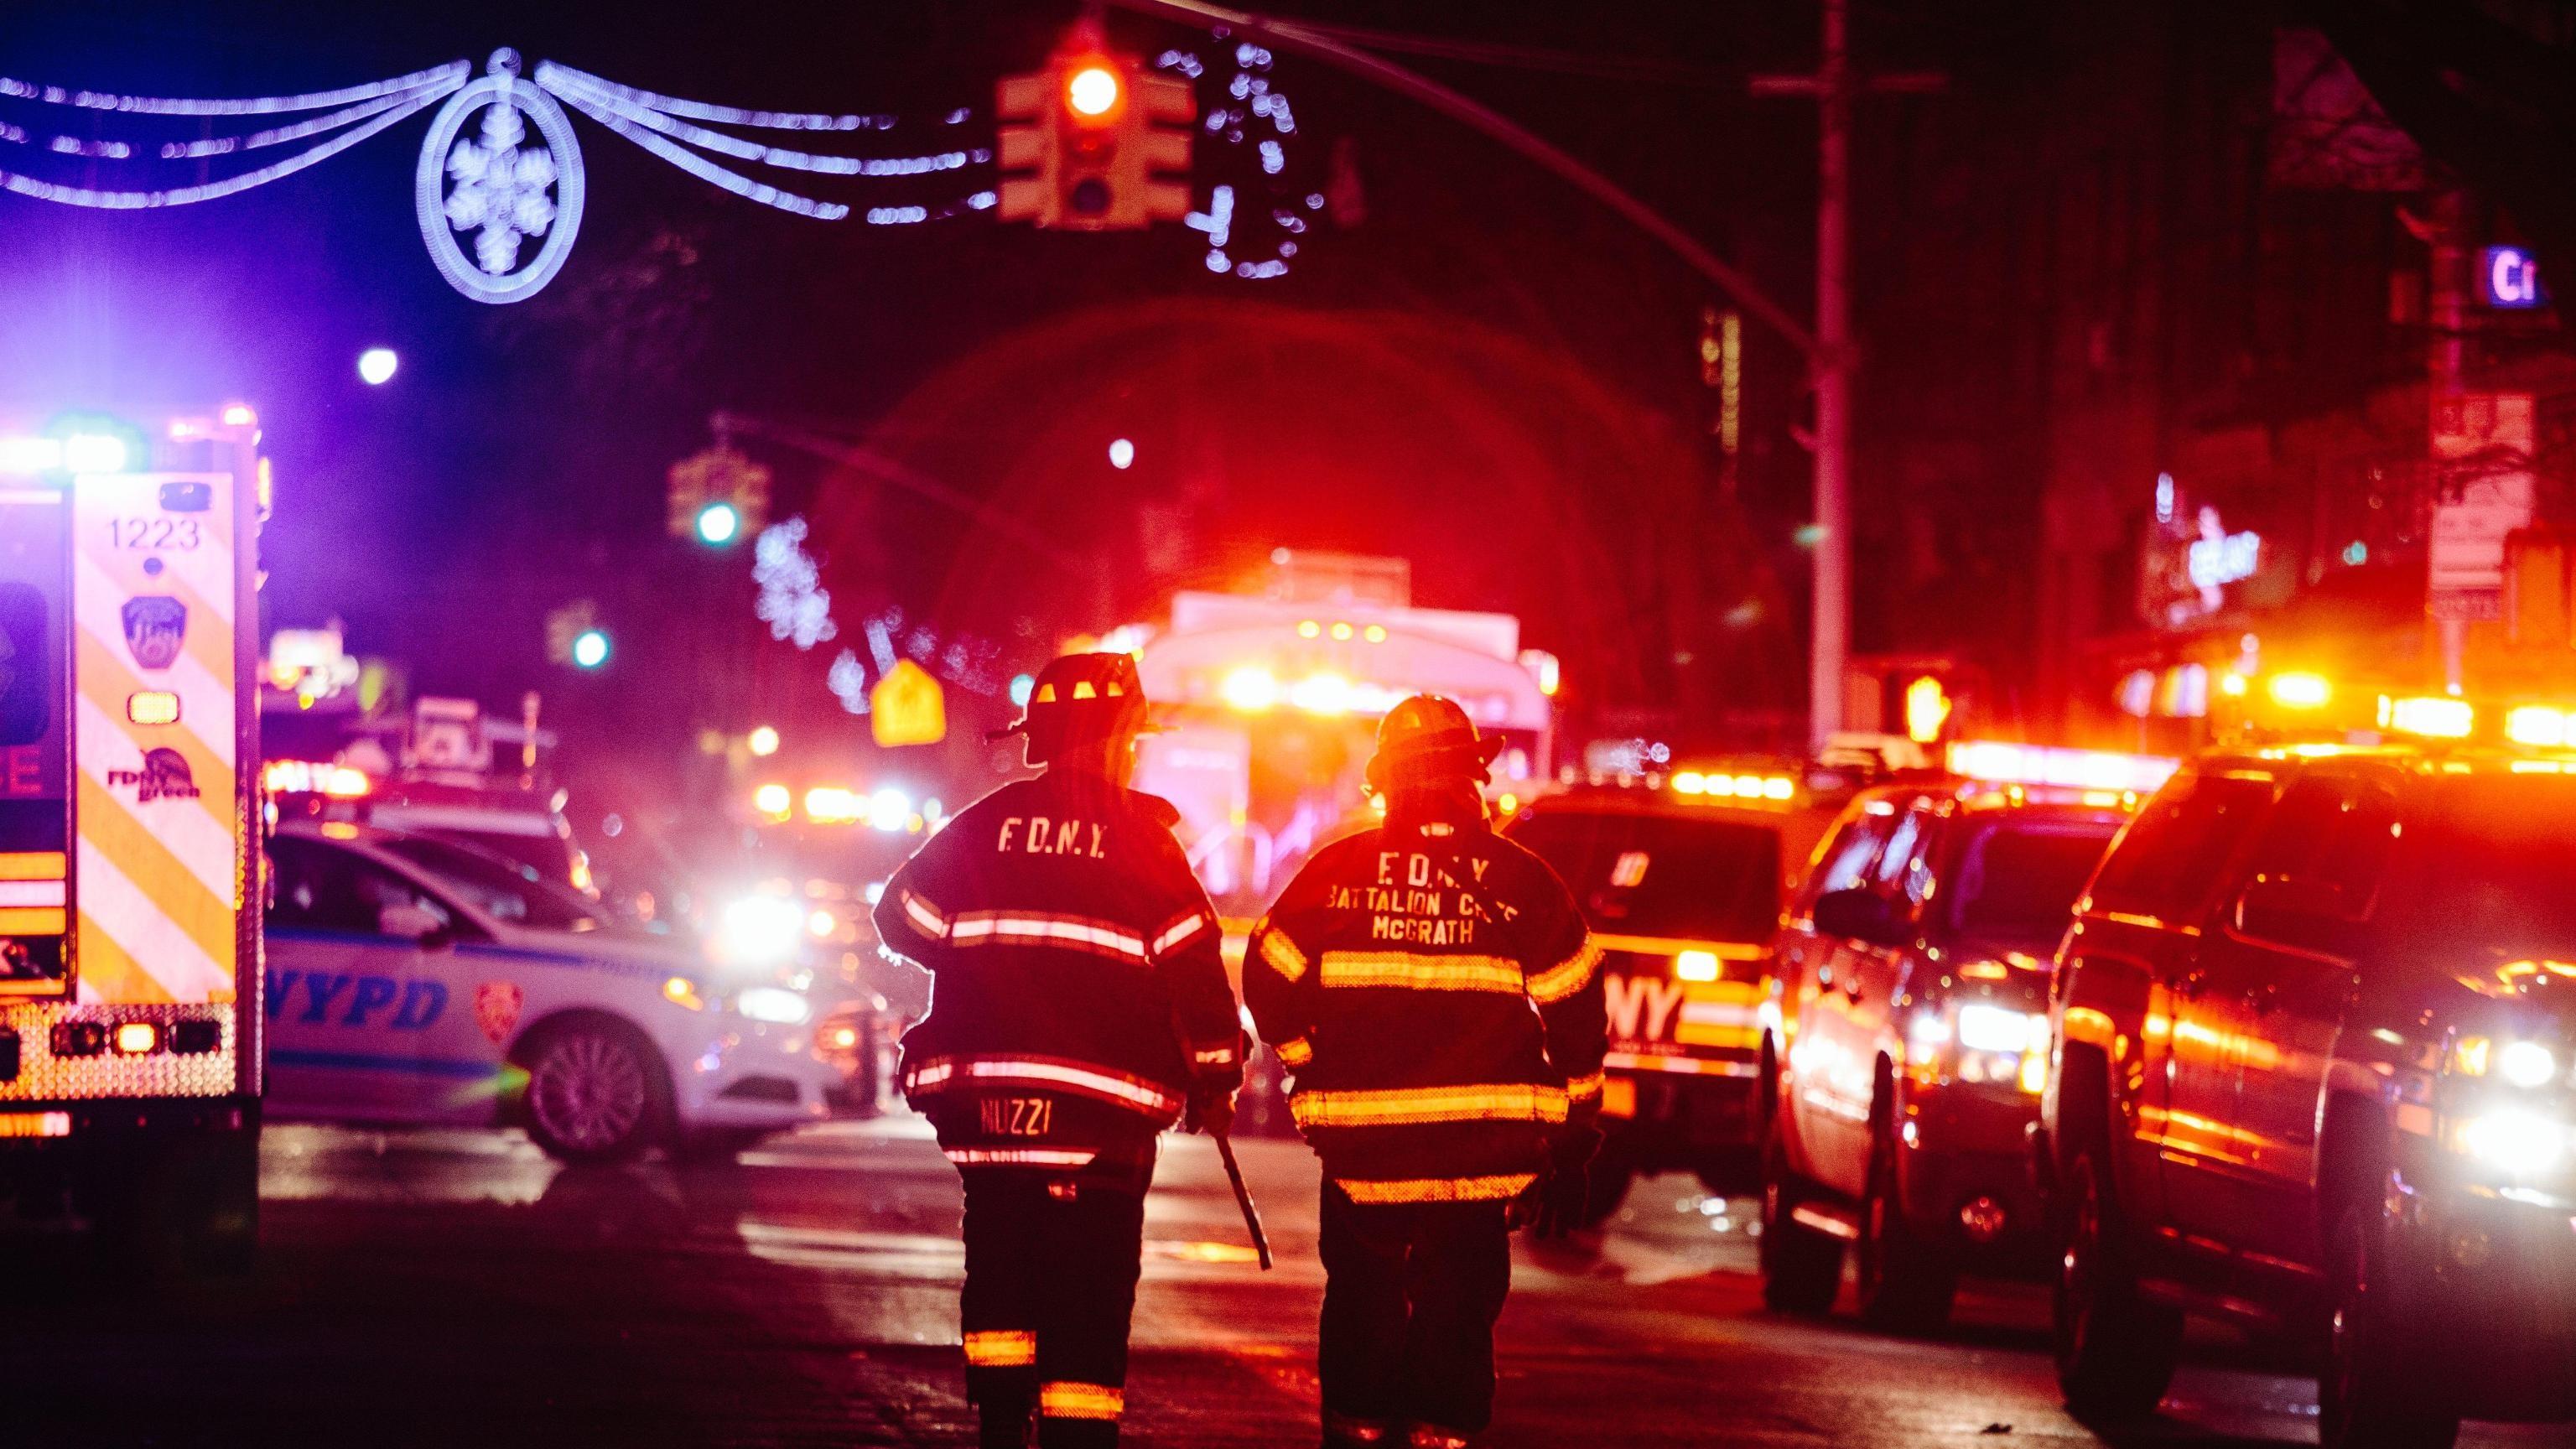 New York, incendio nel Bronx: almeno 12 vittime tra cui un bambino